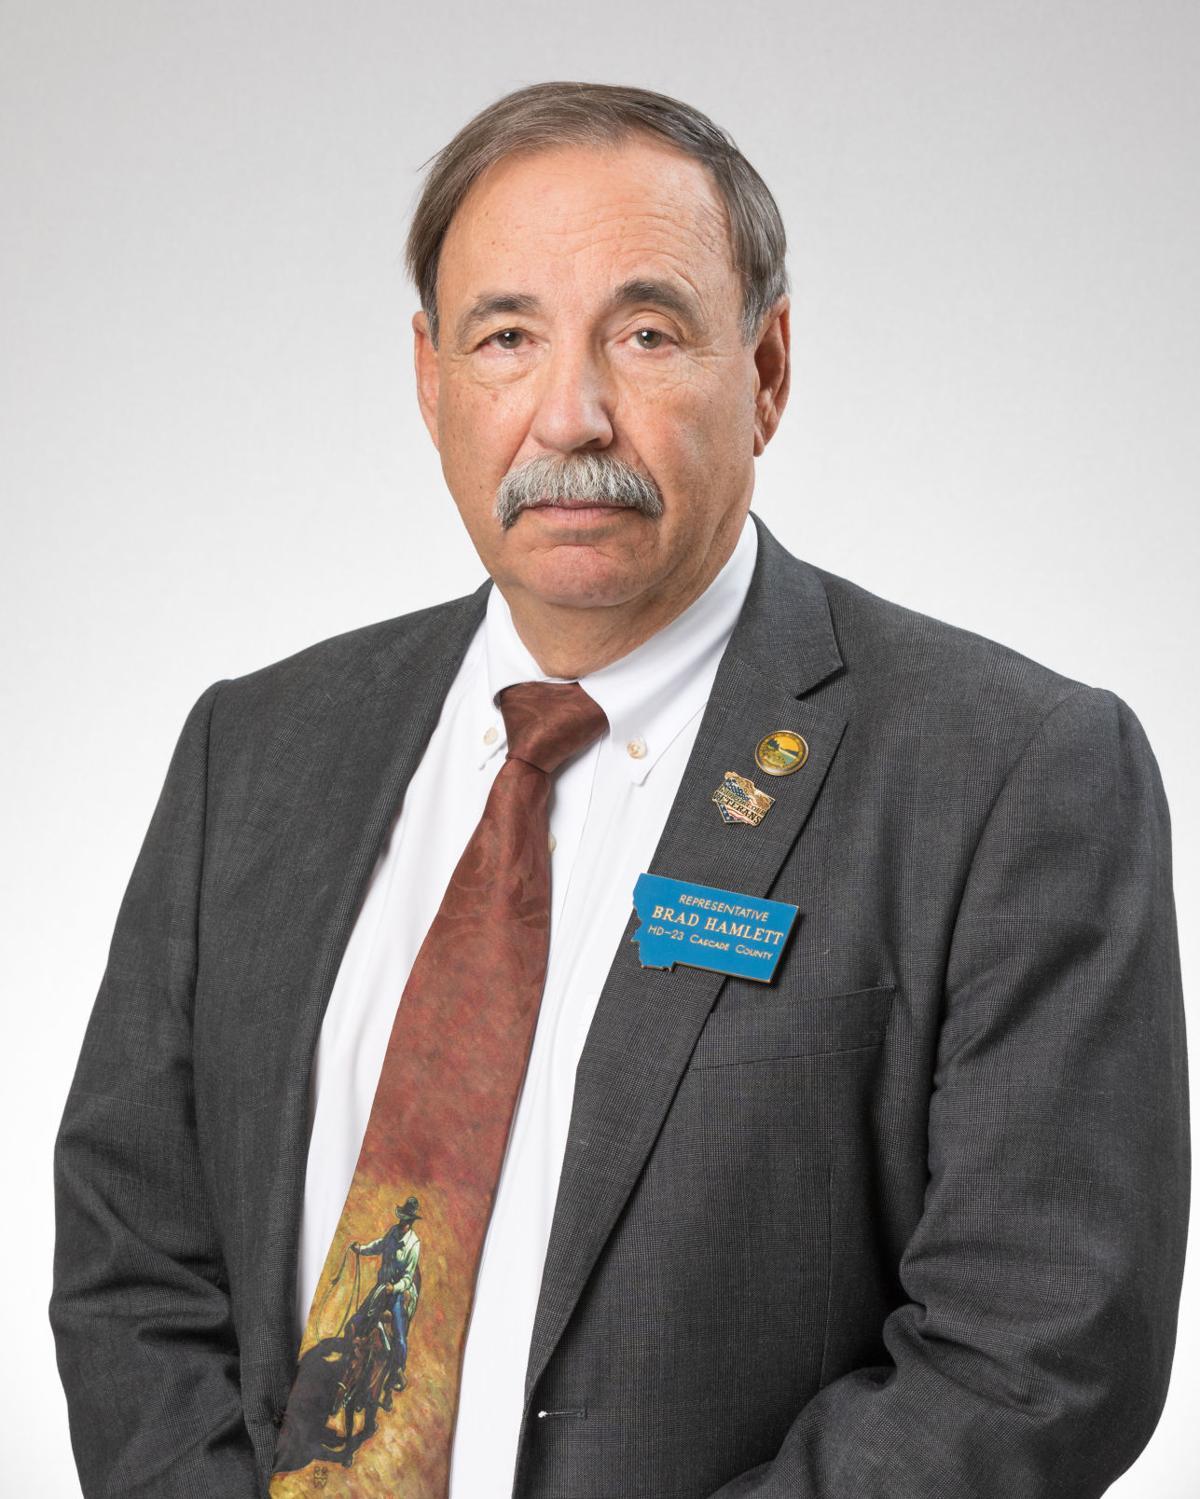 Rep. Brad Hamlett